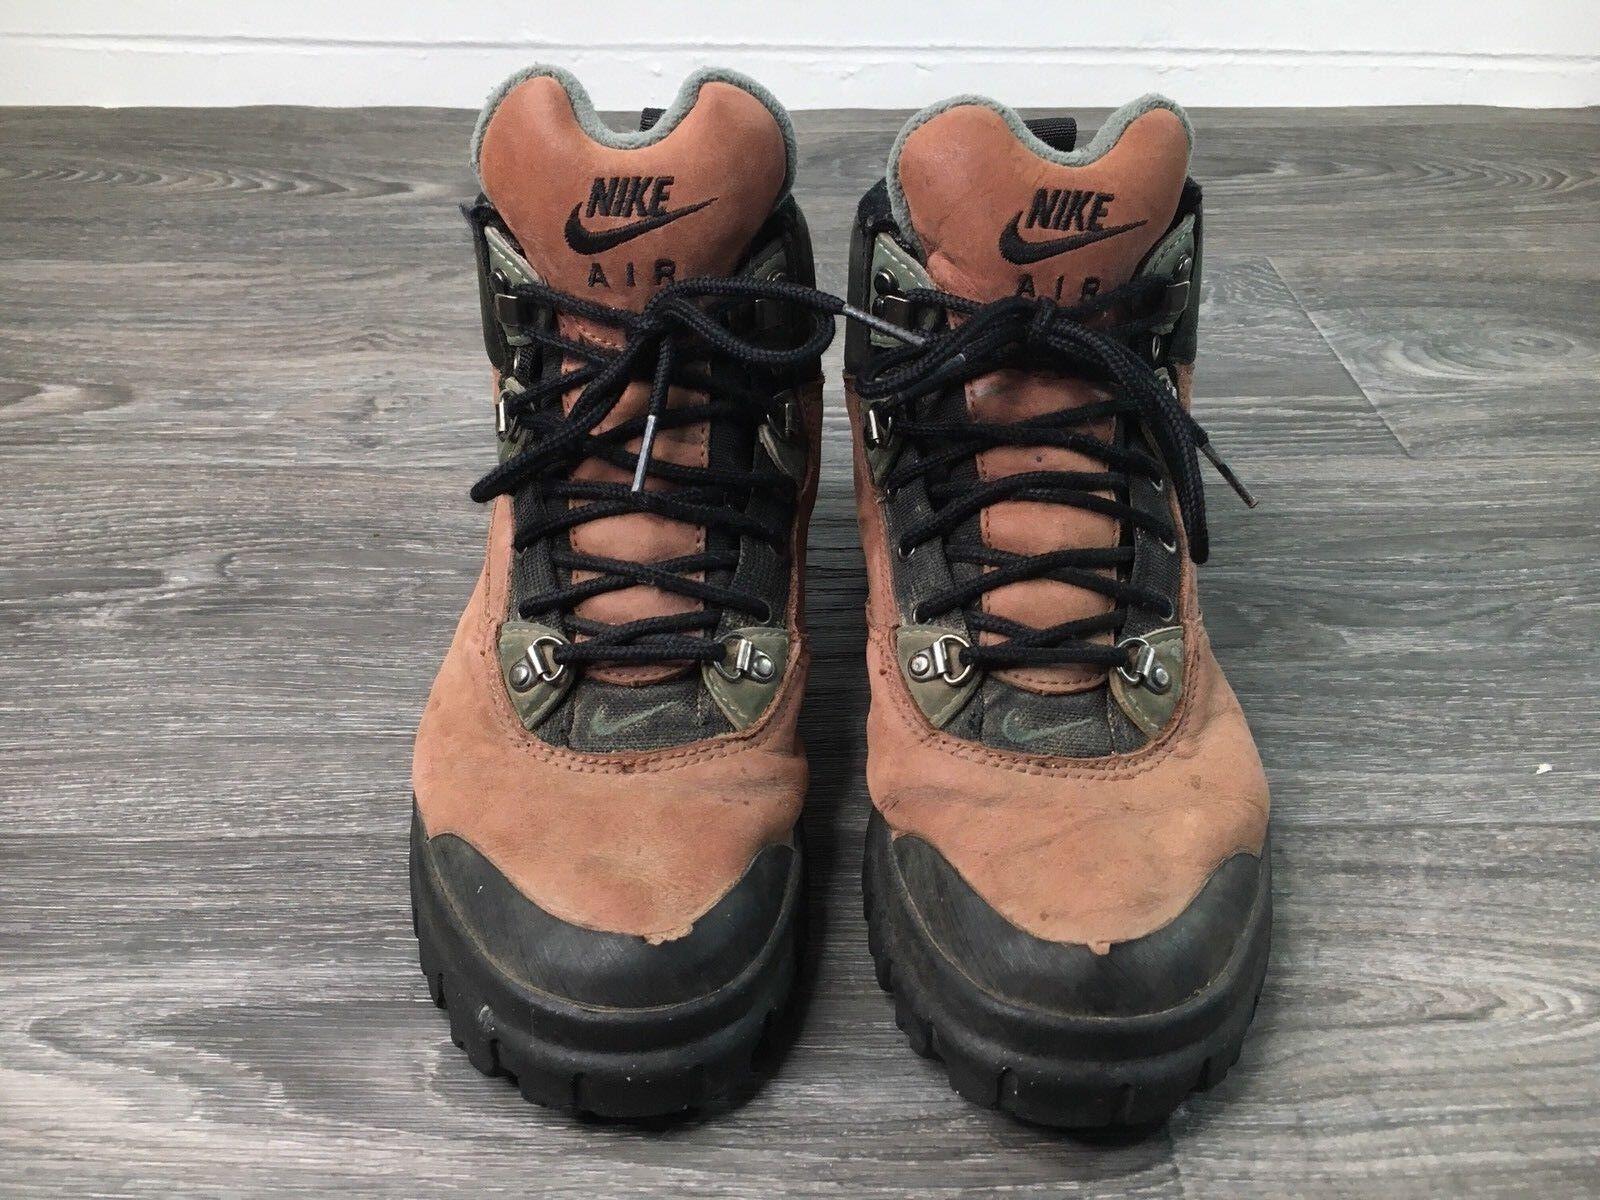 Nike anfibi 1994 si ripropone di novanta pelle pista all'aperto di pelle novanta cuoio taglia 8,5 scarpe Uomo 6bcf5a